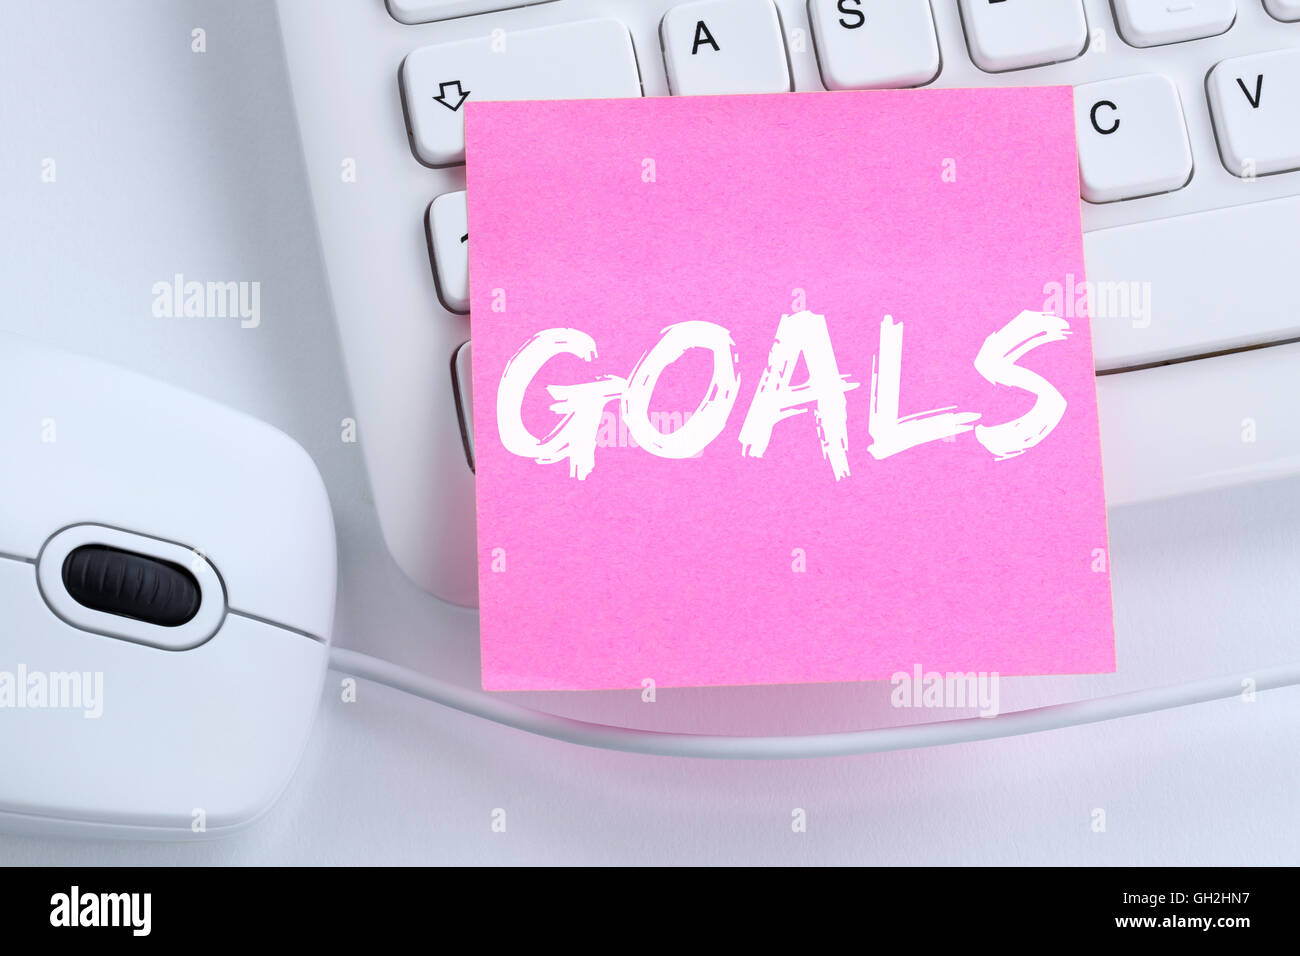 Objetivo metas a aspiraciones de éxito y crecimiento concepto empresarial office teclado de ordenador Imagen De Stock